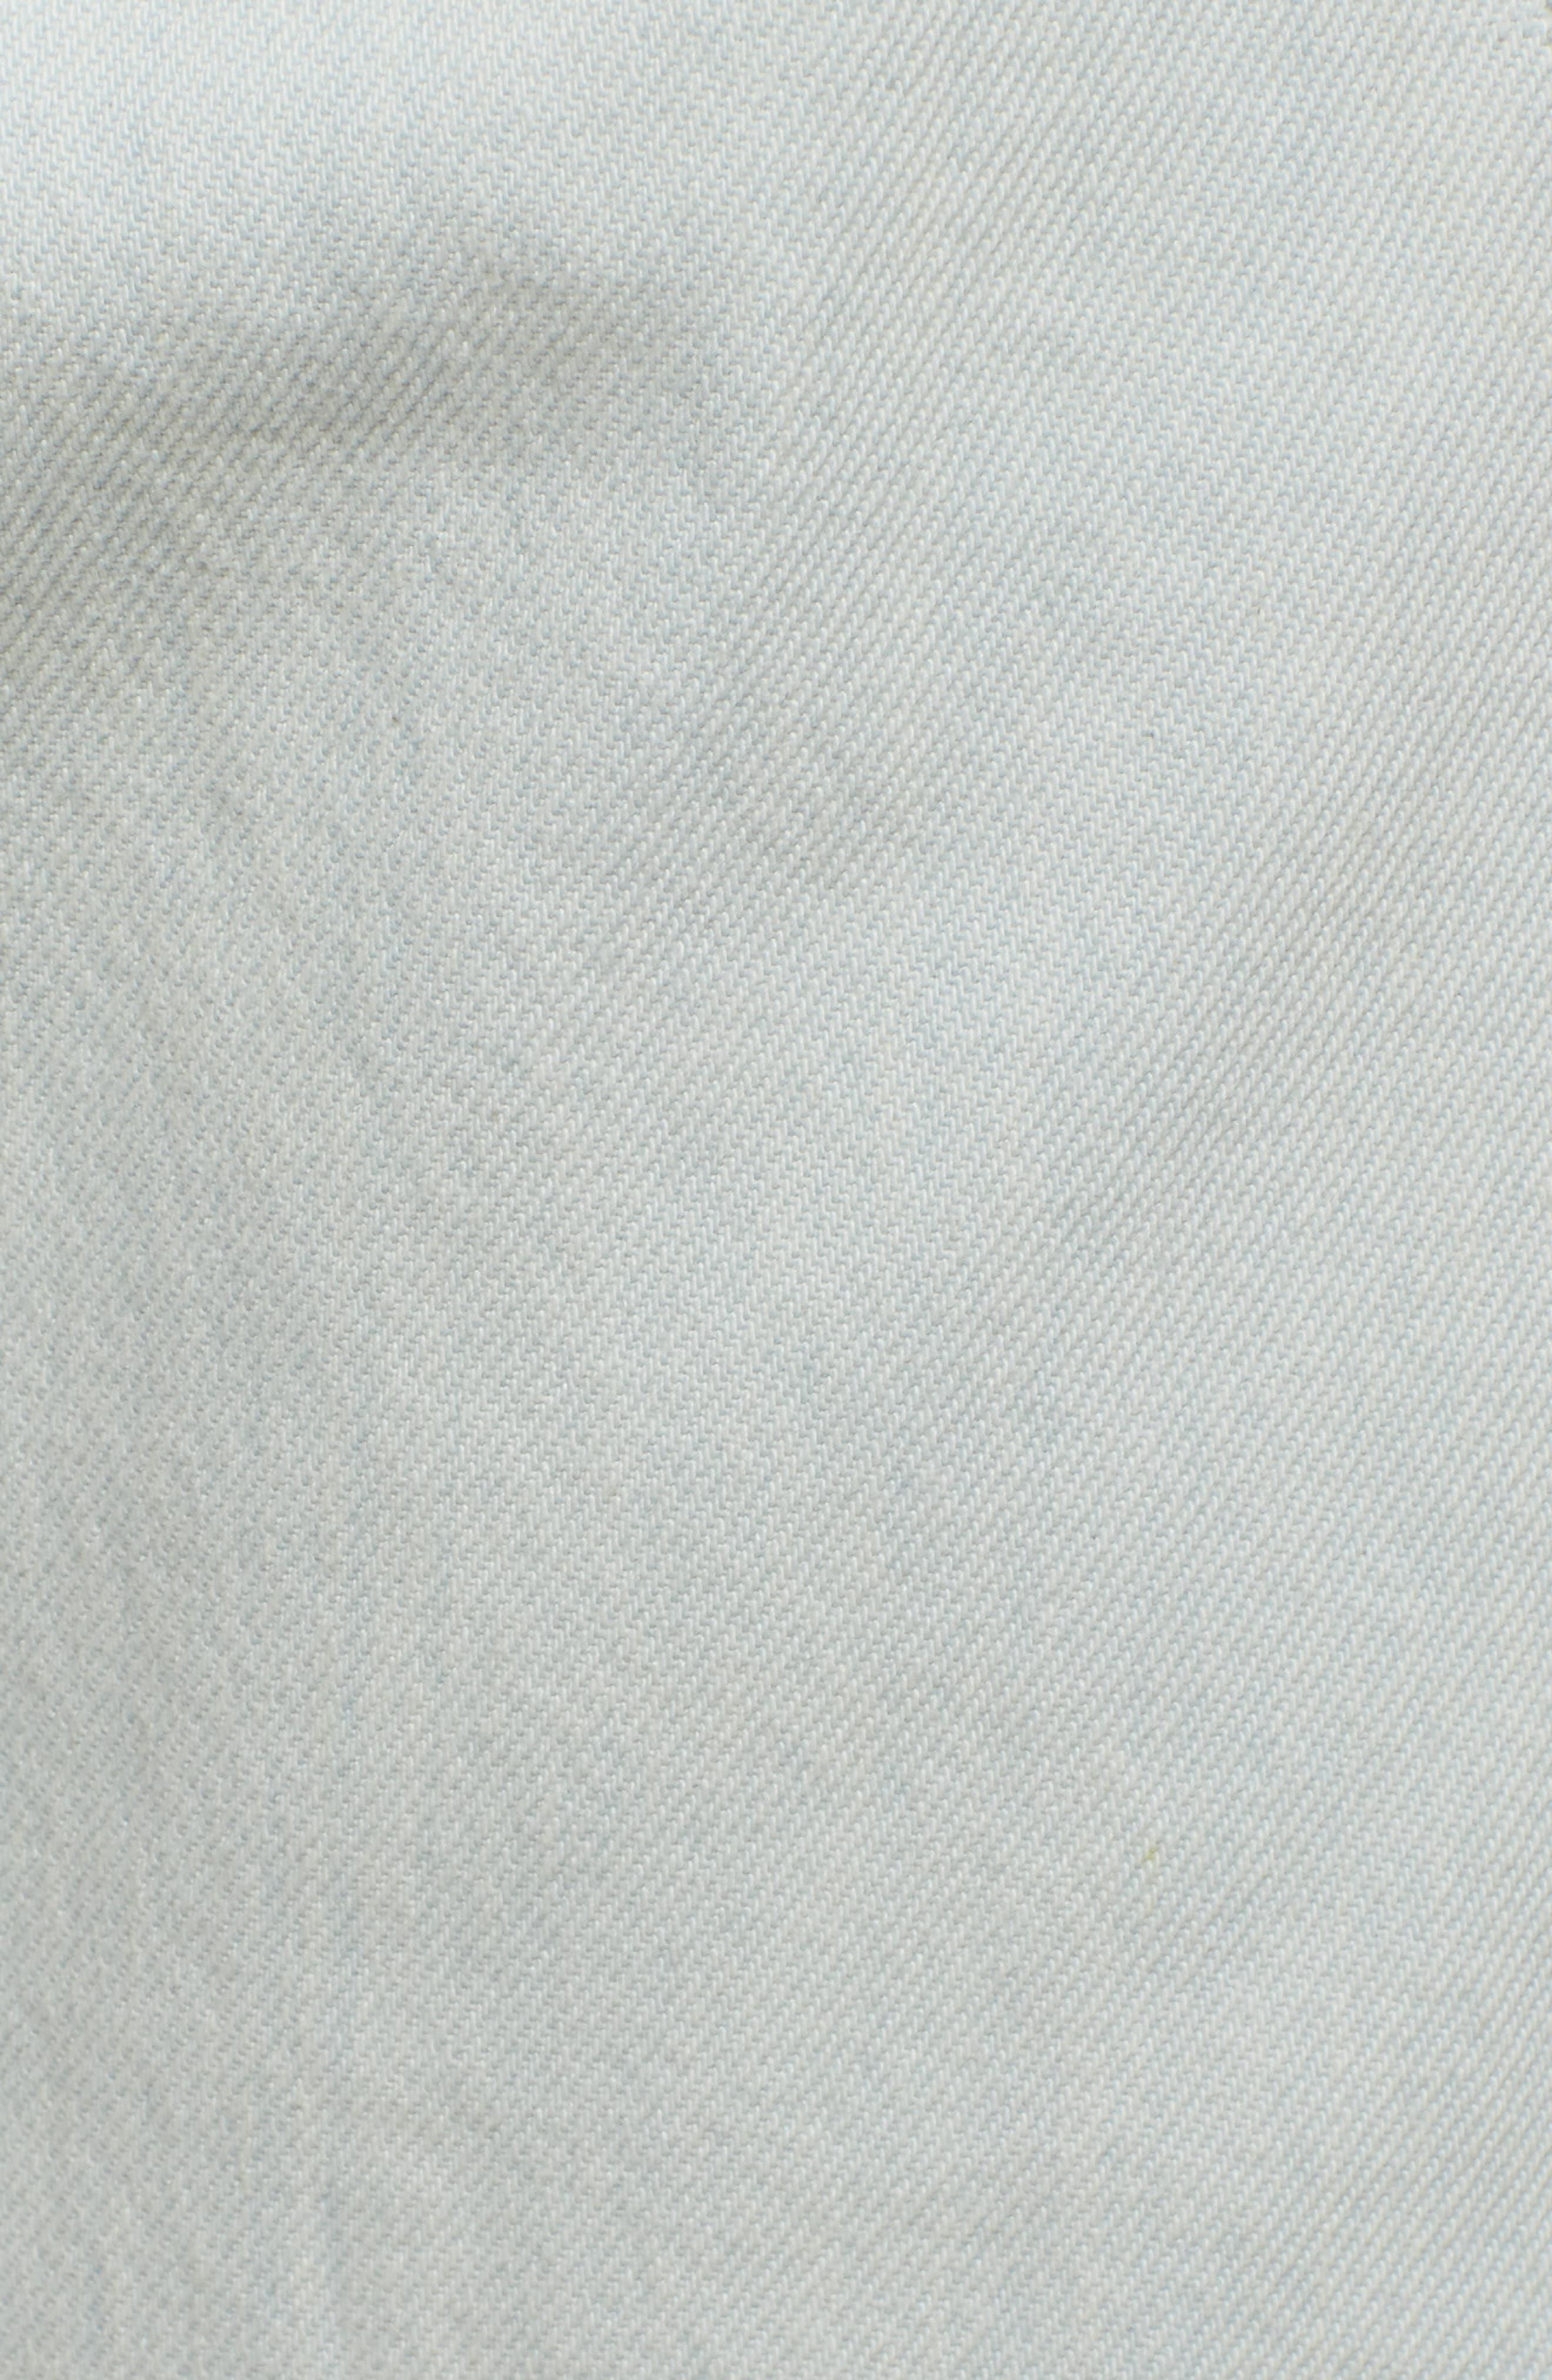 Slim Jeans,                             Alternate thumbnail 5, color,                             Favor Blue